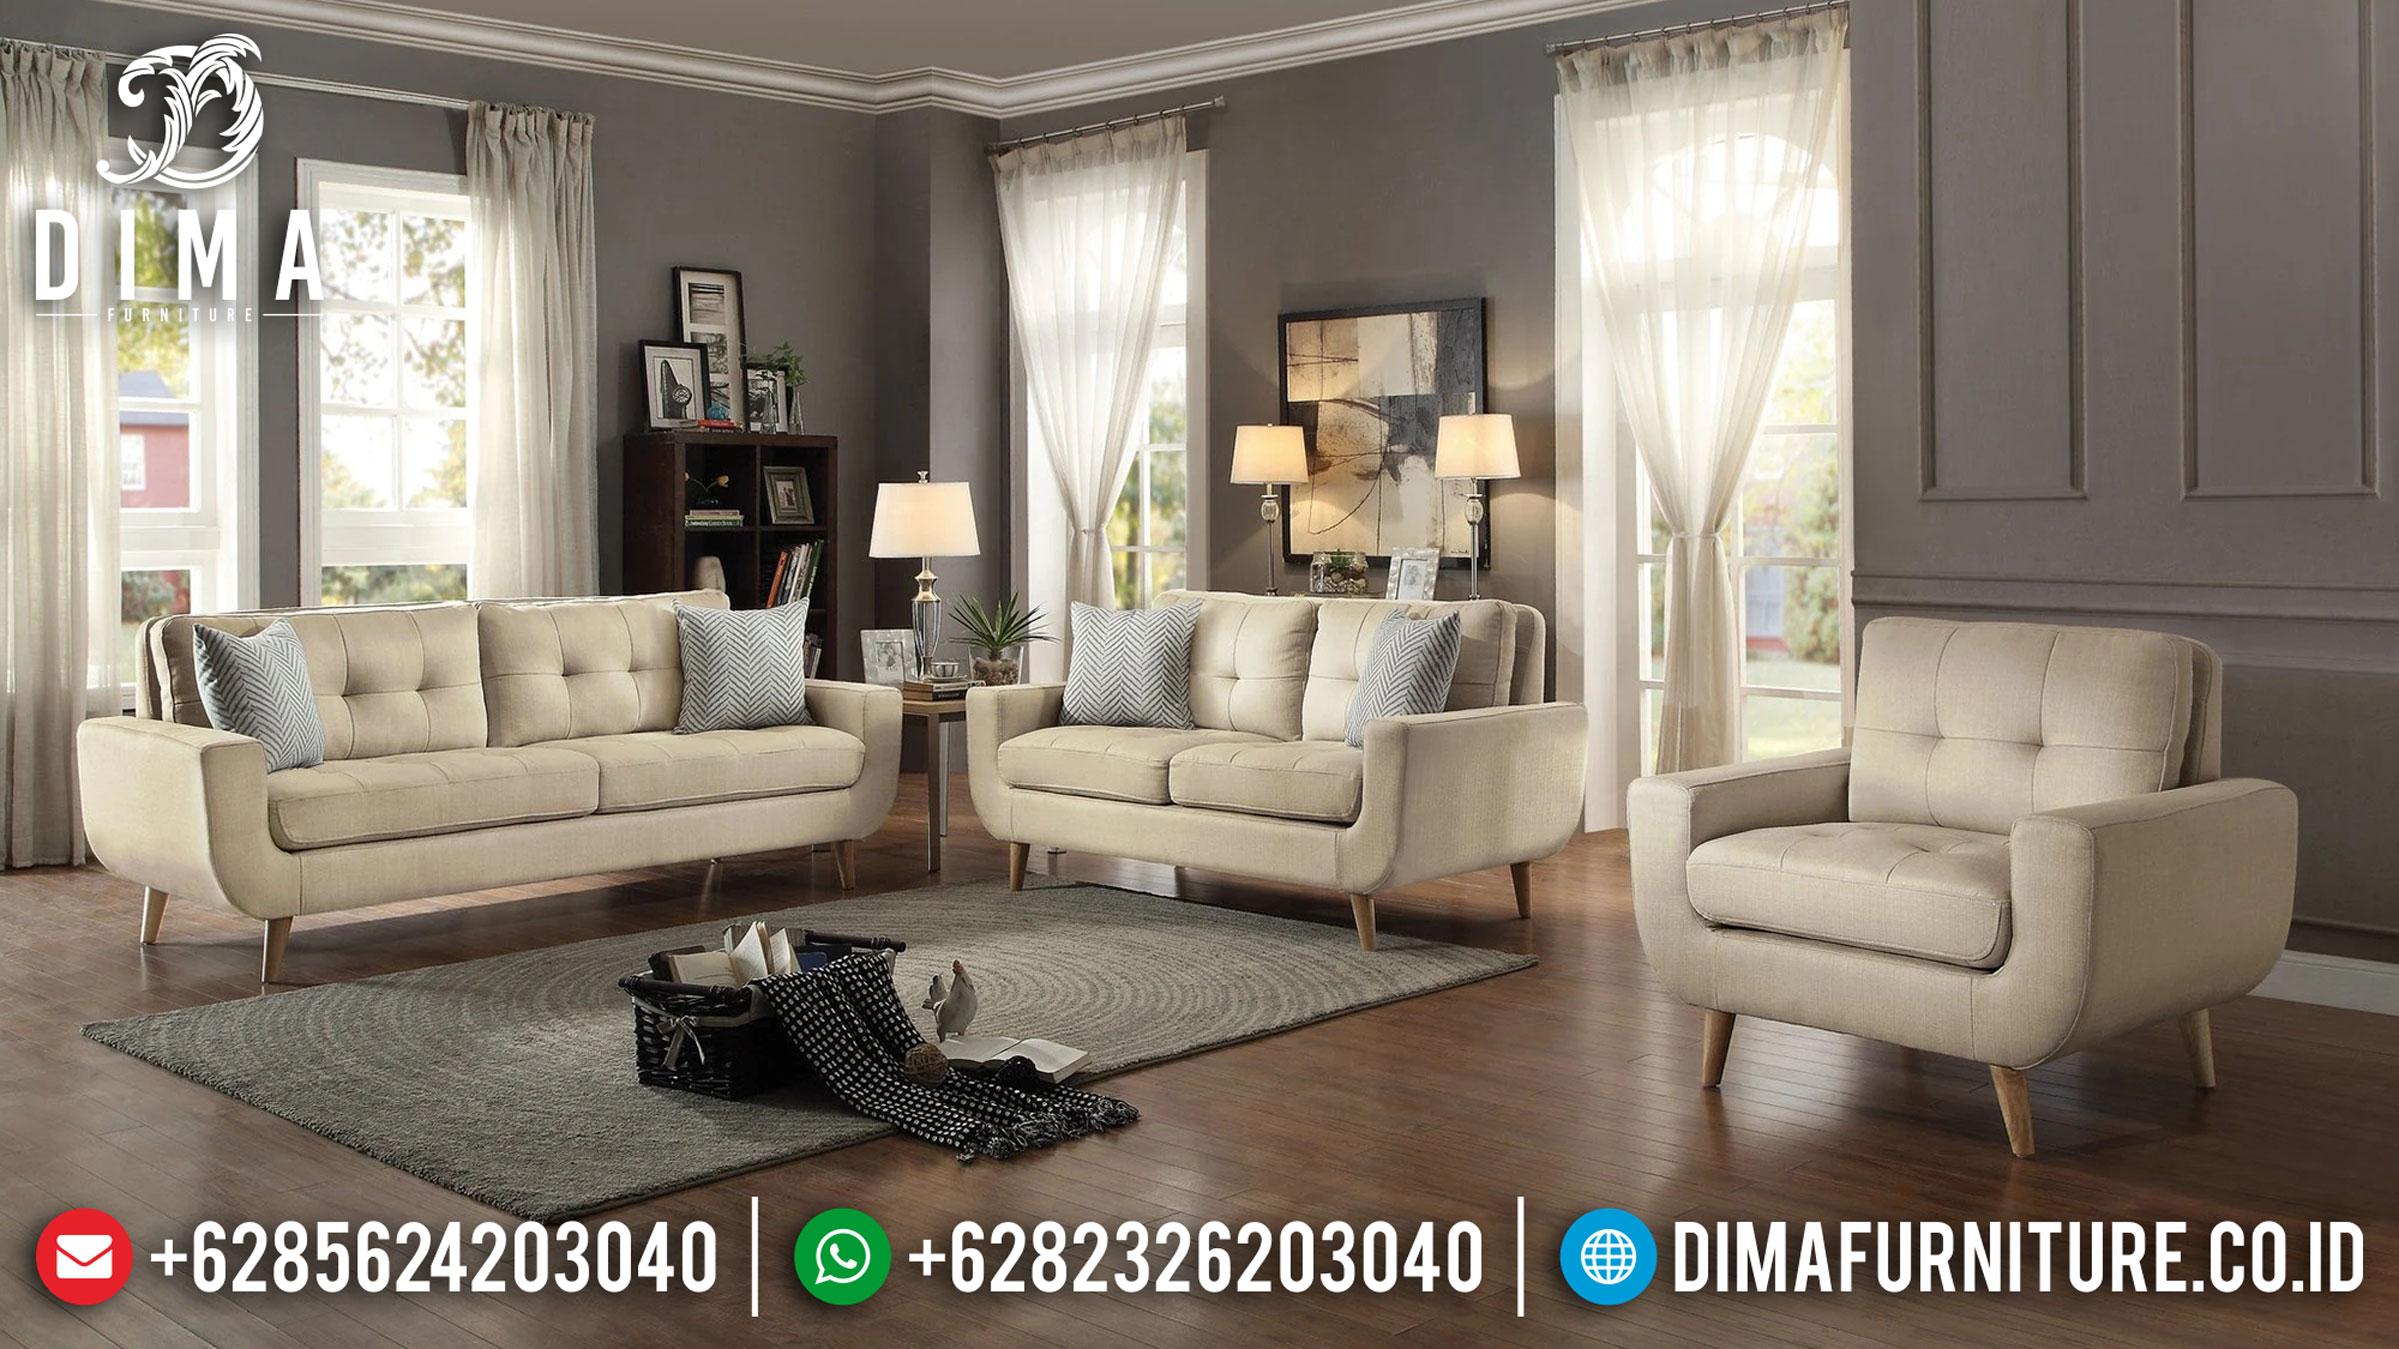 New Design Sofa Tamu Minimalis Jepara Classic Retro White Cream Fabric TTJ-0993